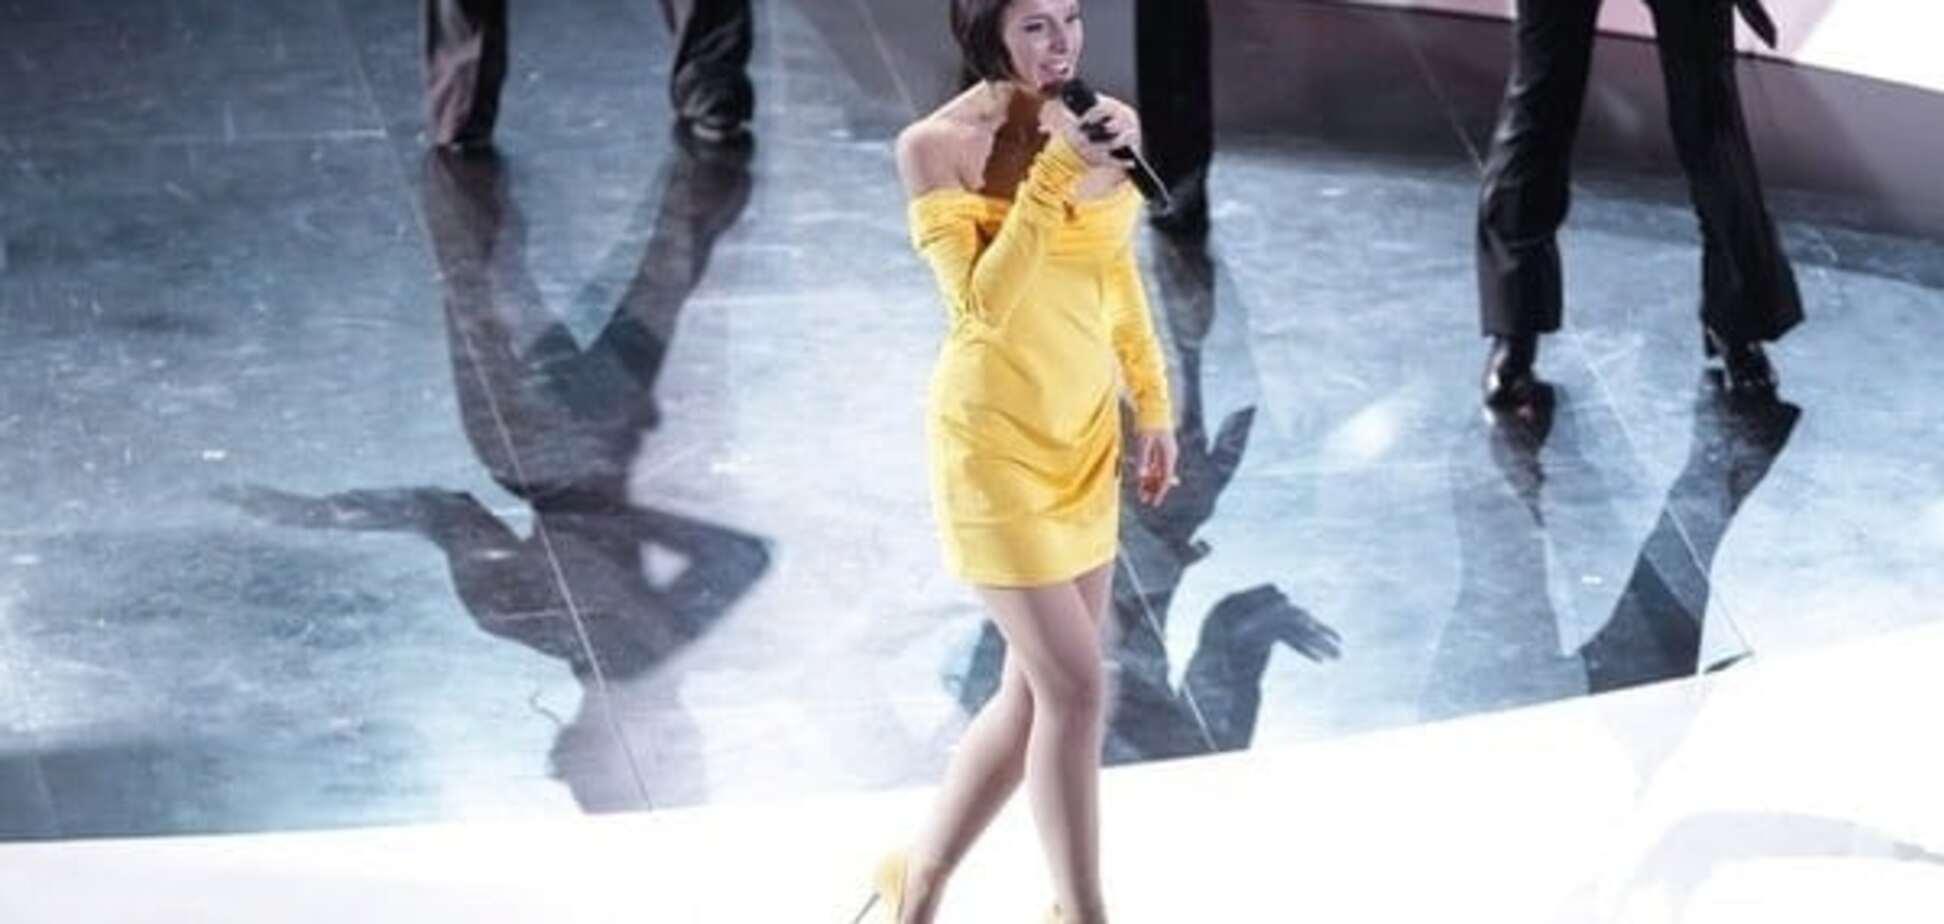 Муждабаев: Россия может отказаться от 'Евровидения' из-за Джамалы